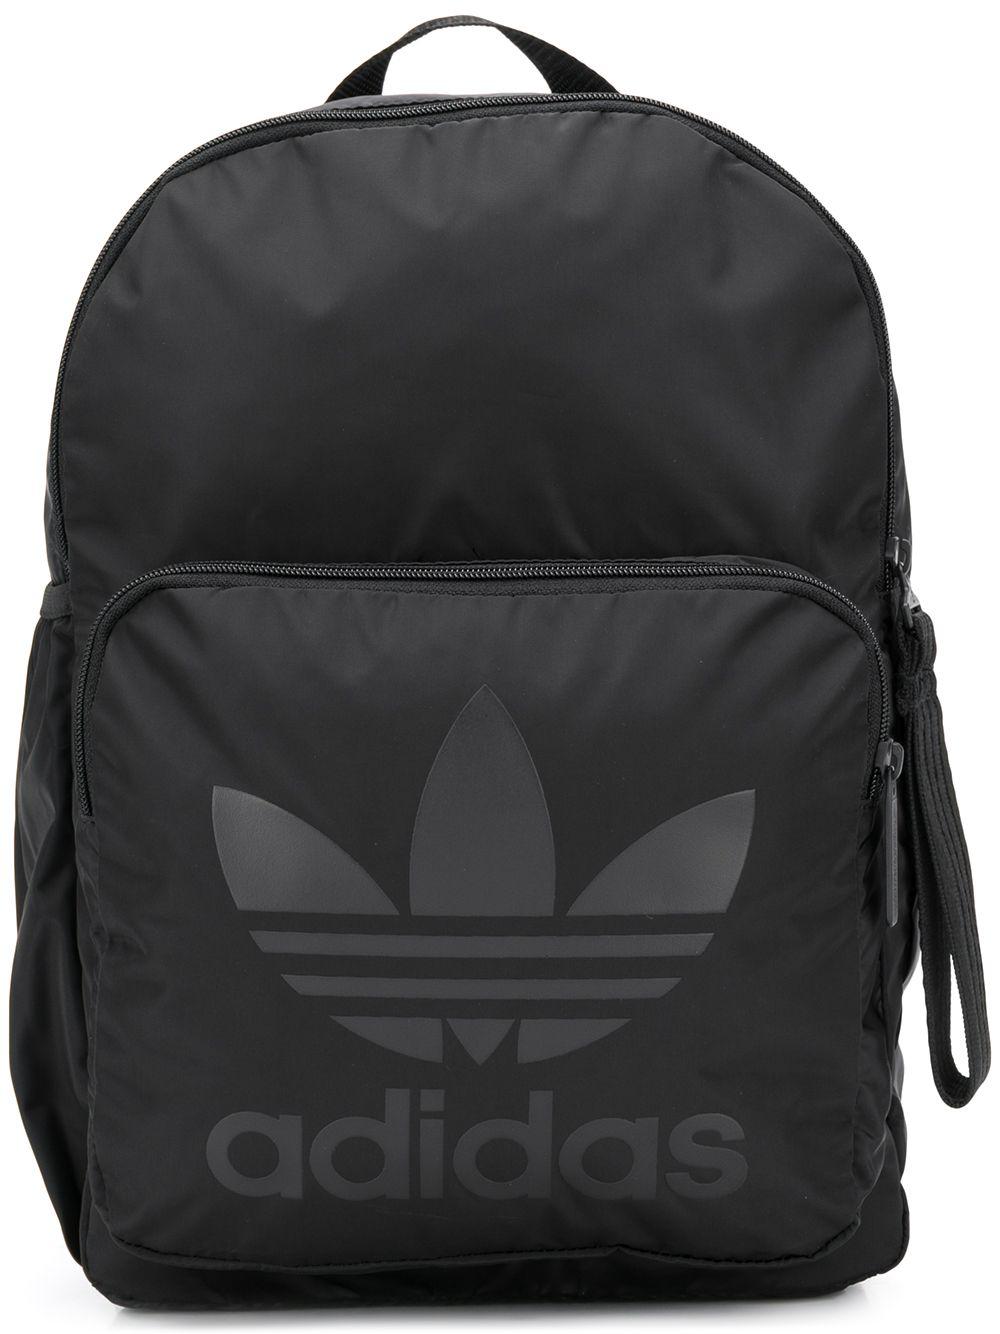 7bf6efa0e8e2c Adidas Originals Adidas MittelgroßEr Rucksack - Schwarz In Black ...